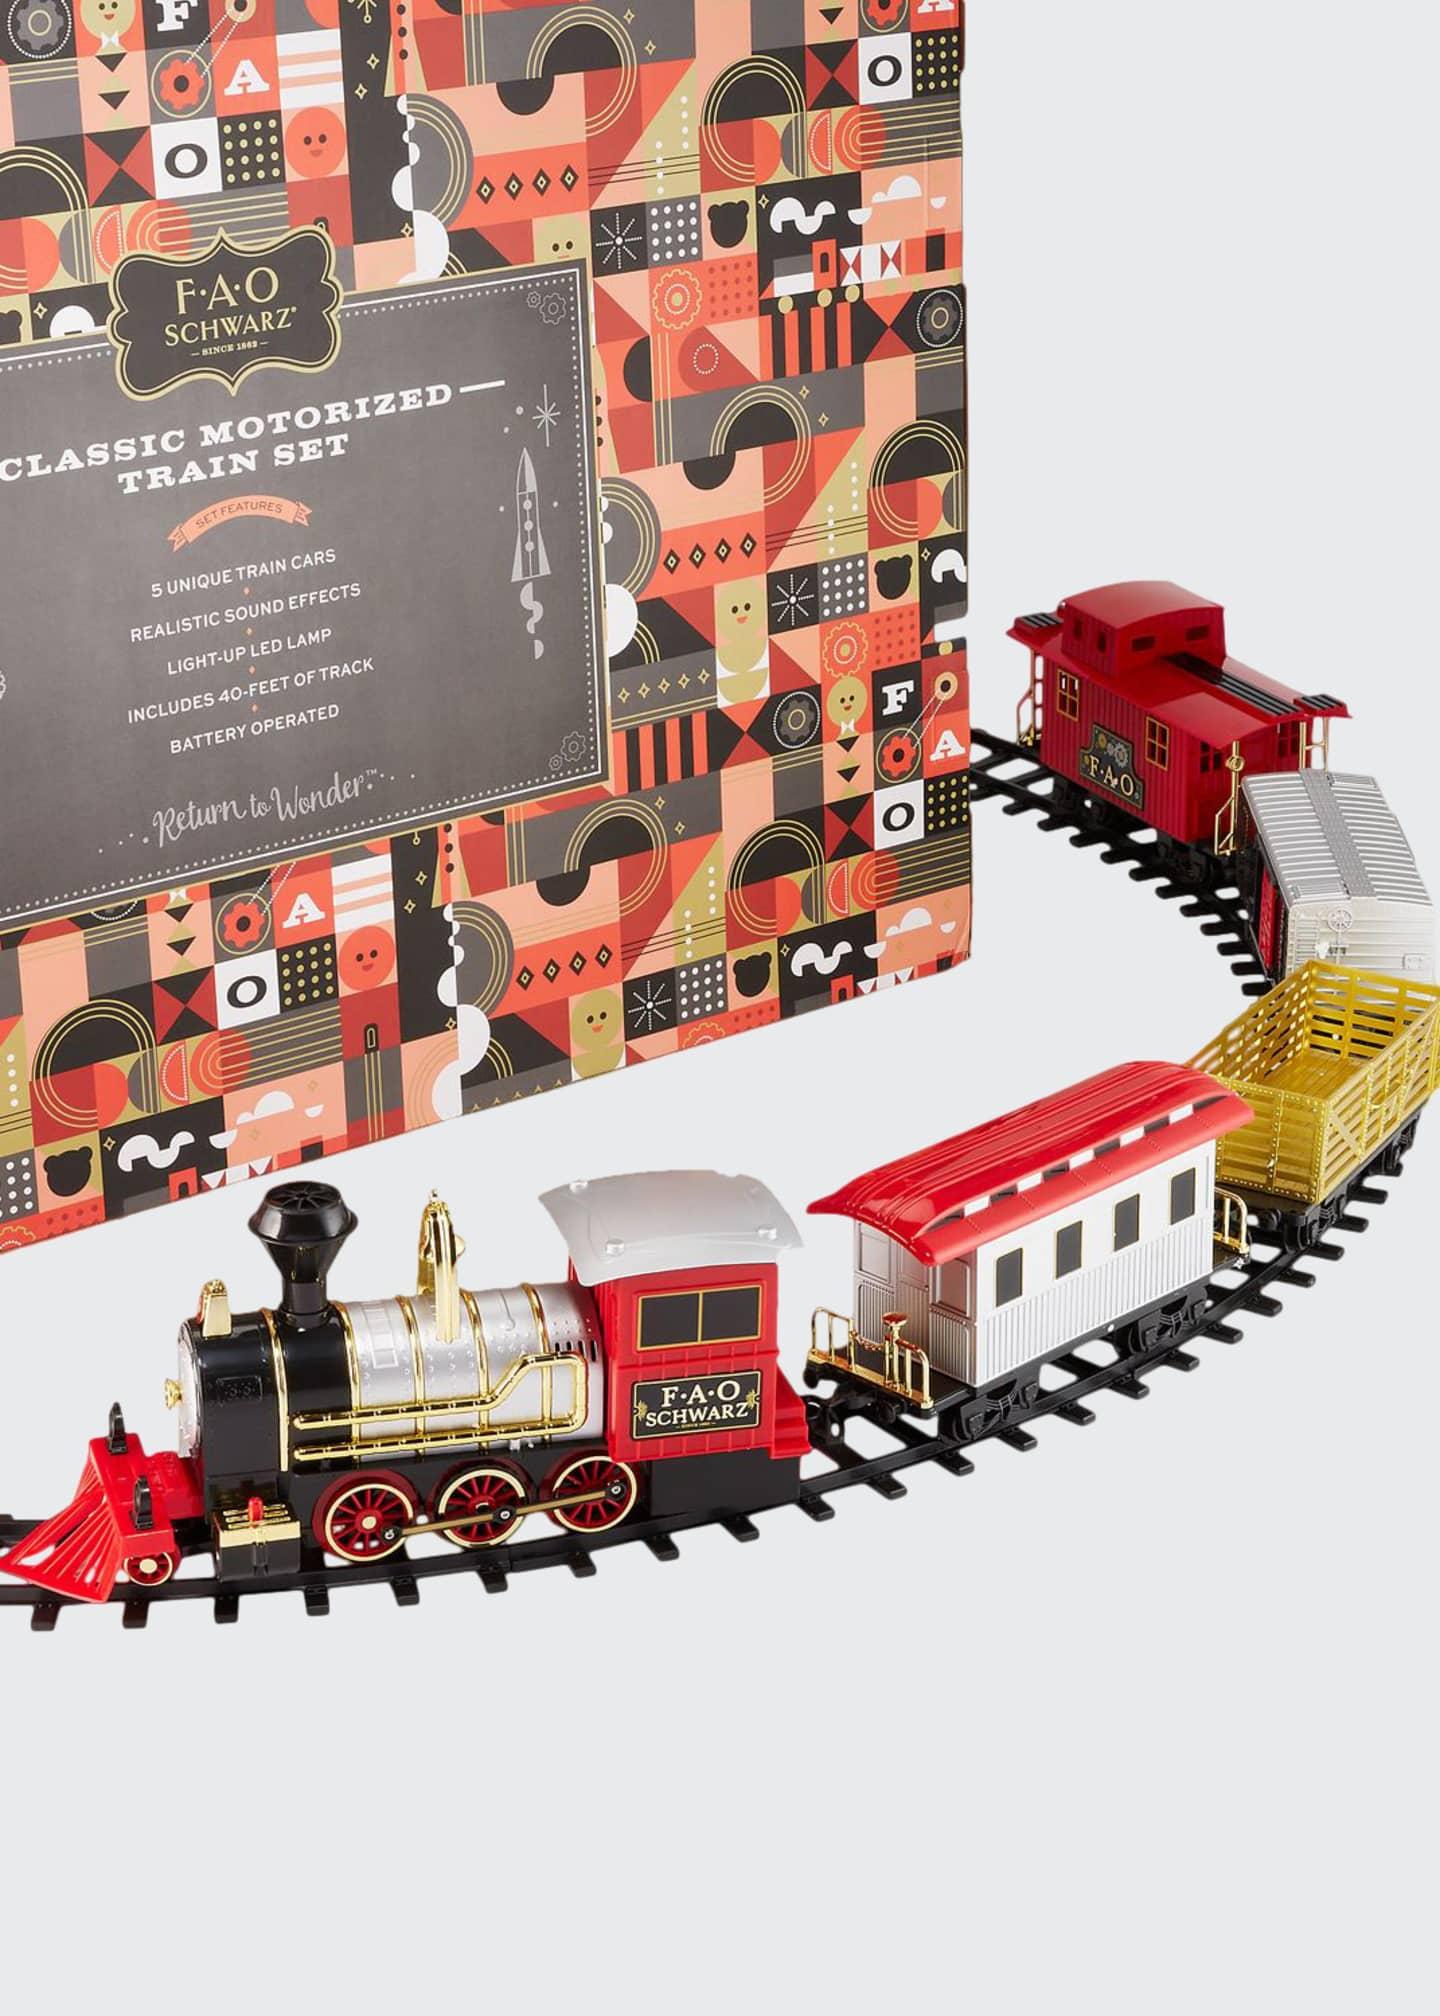 Fao schwarz train